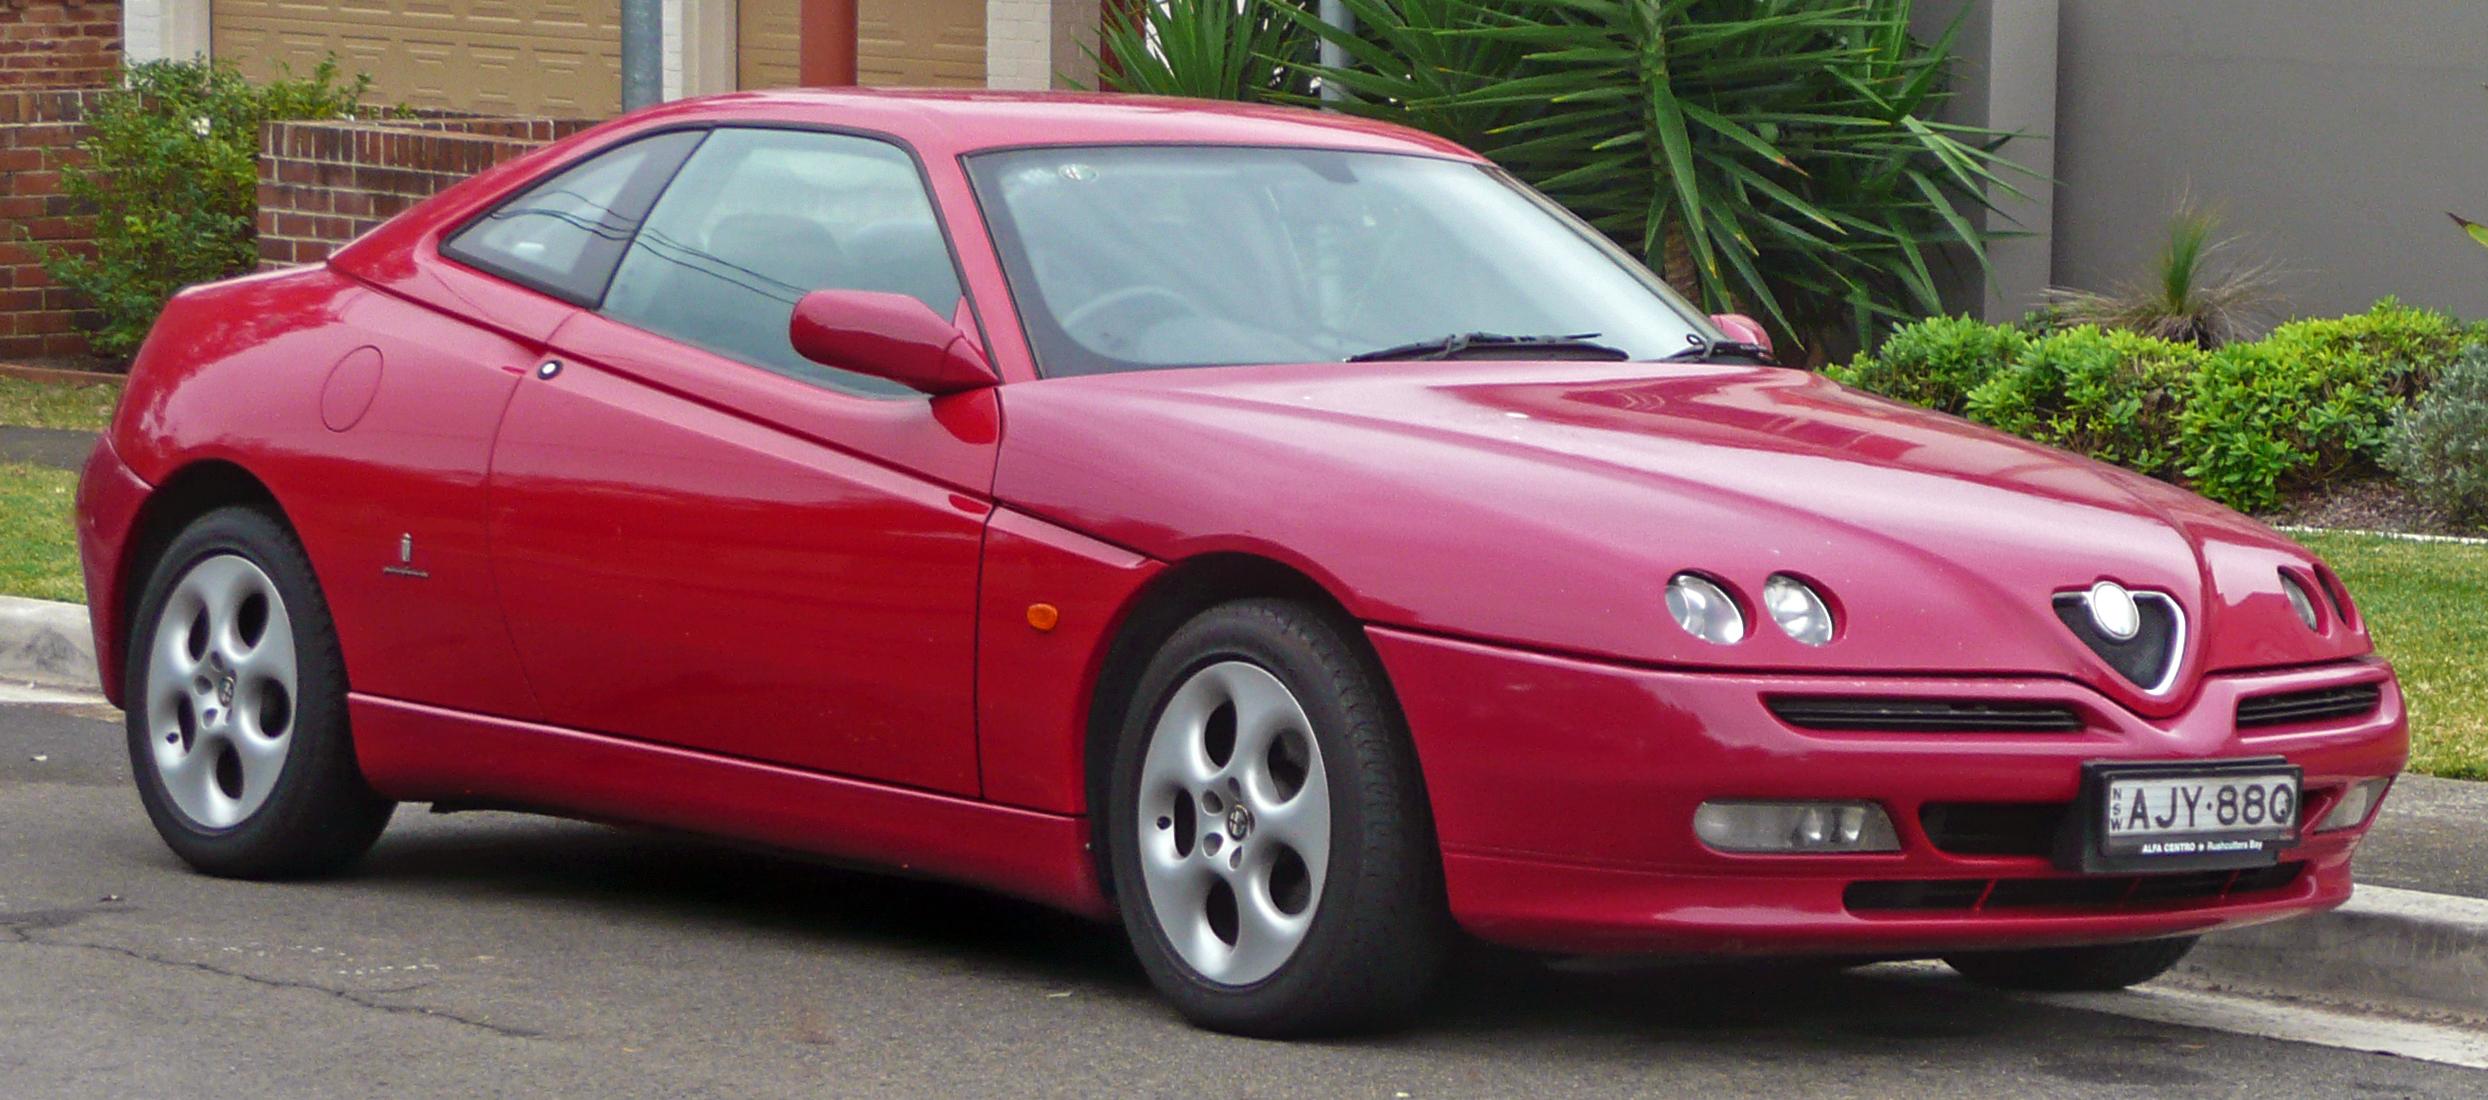 alfa_Romeo_GTV_Twin_Spark_coupe_01